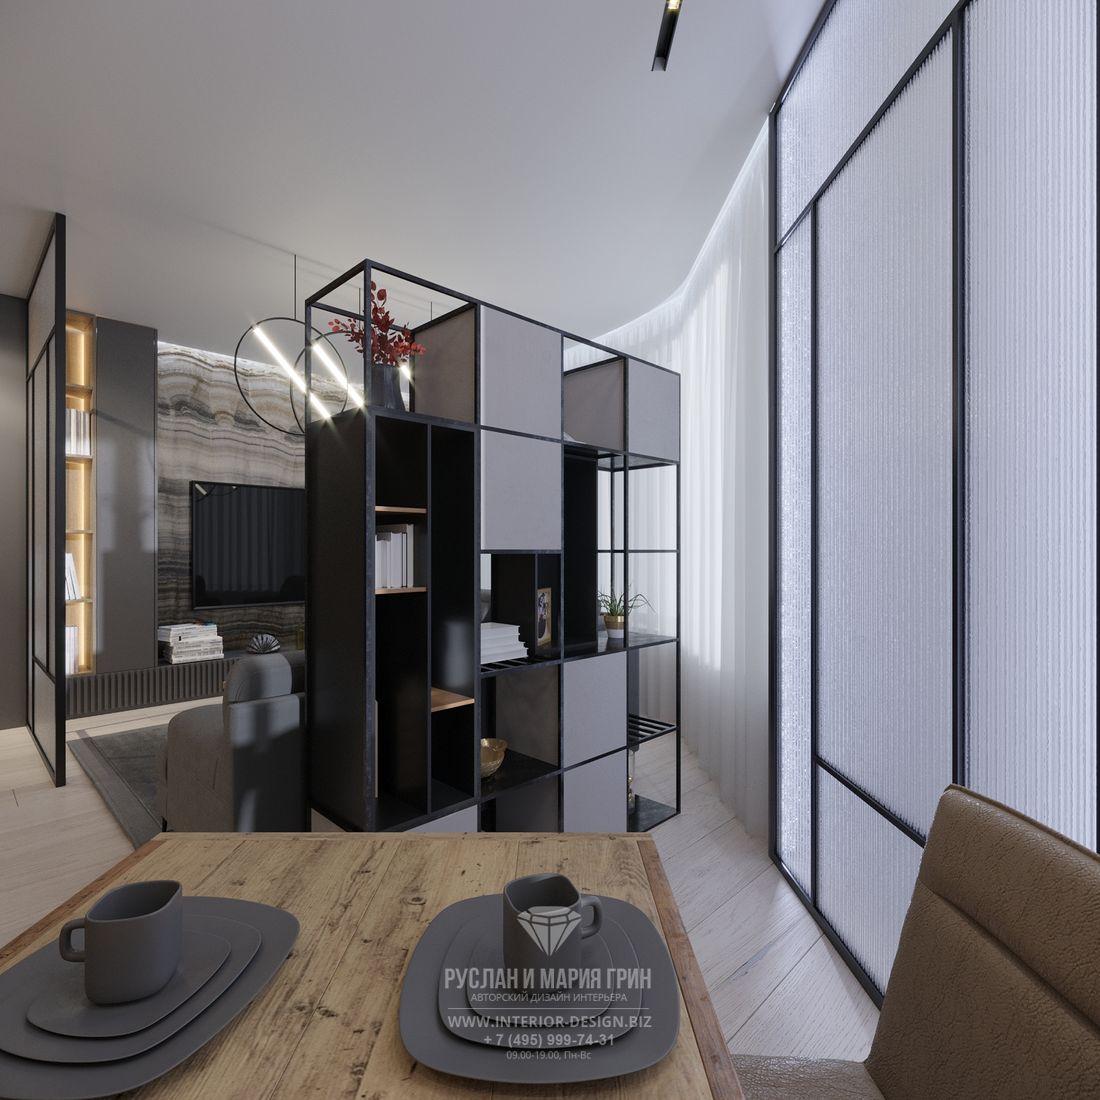 Дизайн современной кухни-гостиной — фото стеллажа, зонирующего пространство